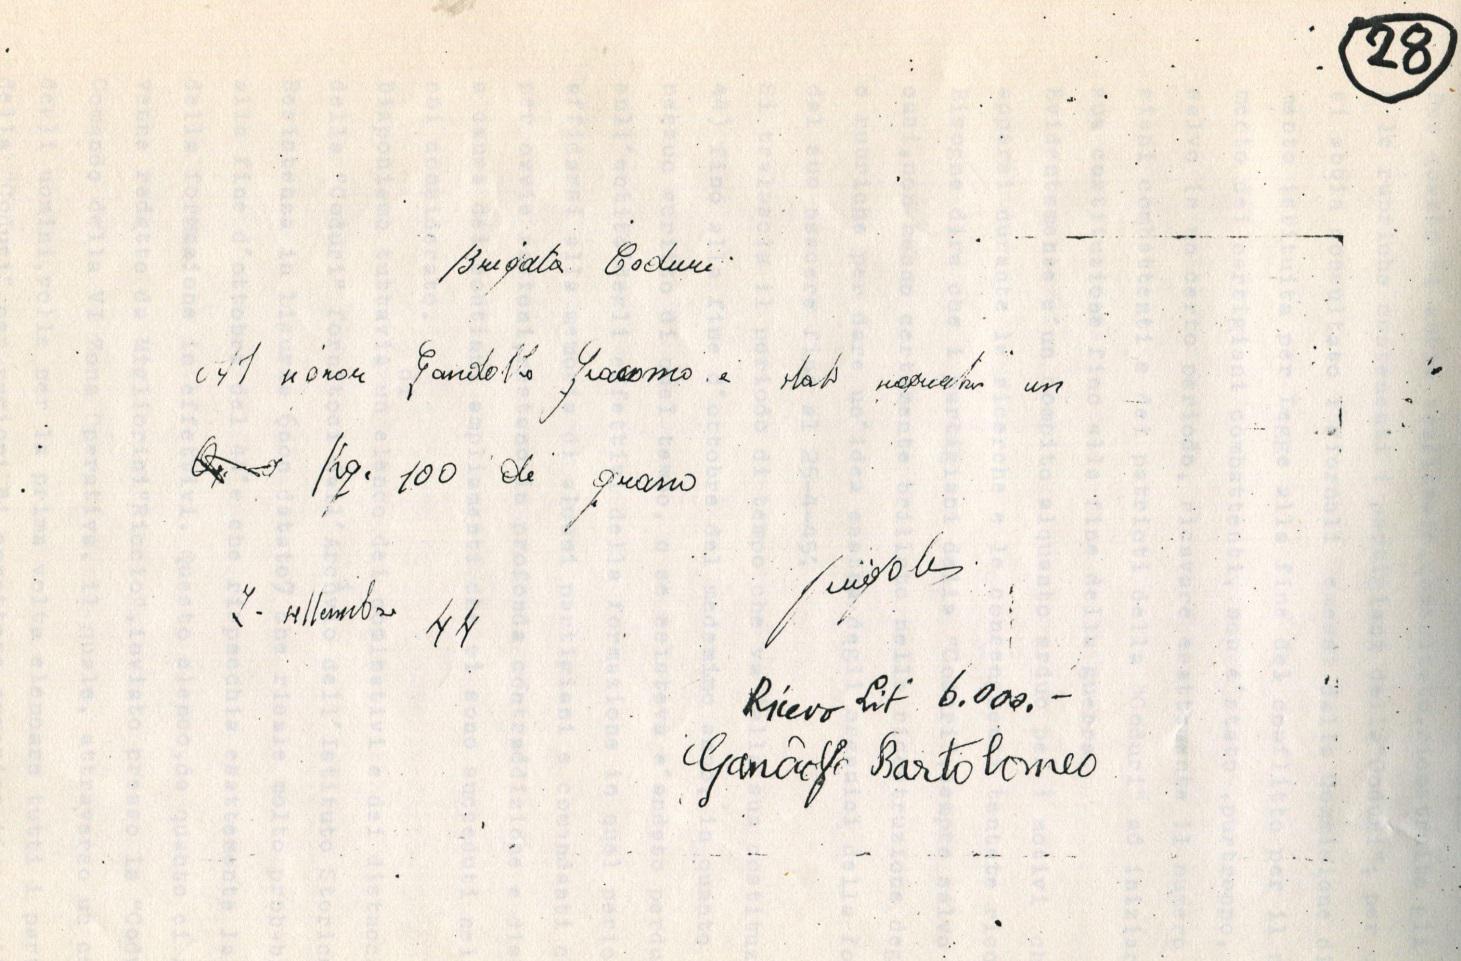 1 RICEVUTA PAGAMENTO FORNITURA Kg 100 DI GRANO